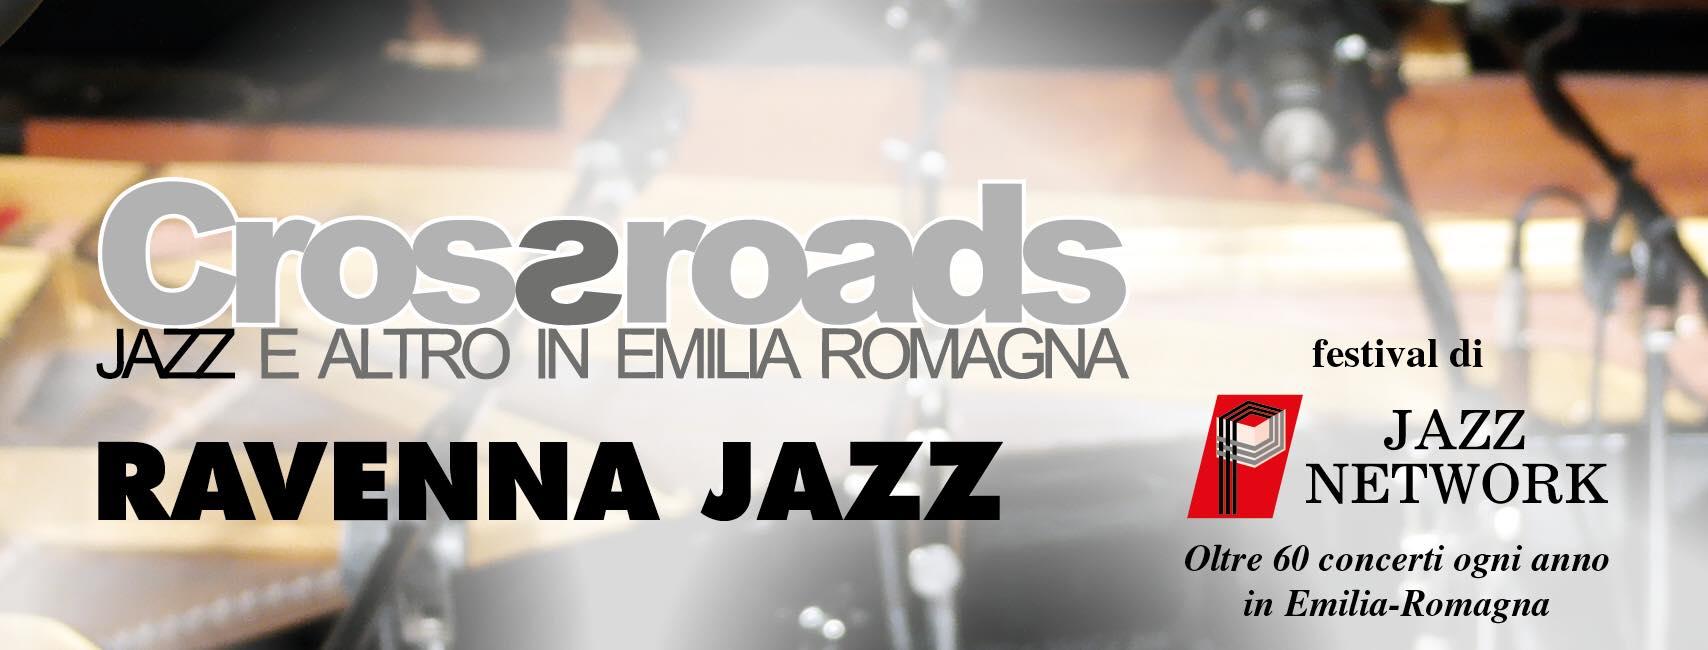 L'Estate del jazz ai tempi del Coronavirus – Crossroads (jazz e altro in Emilia-Romagna)